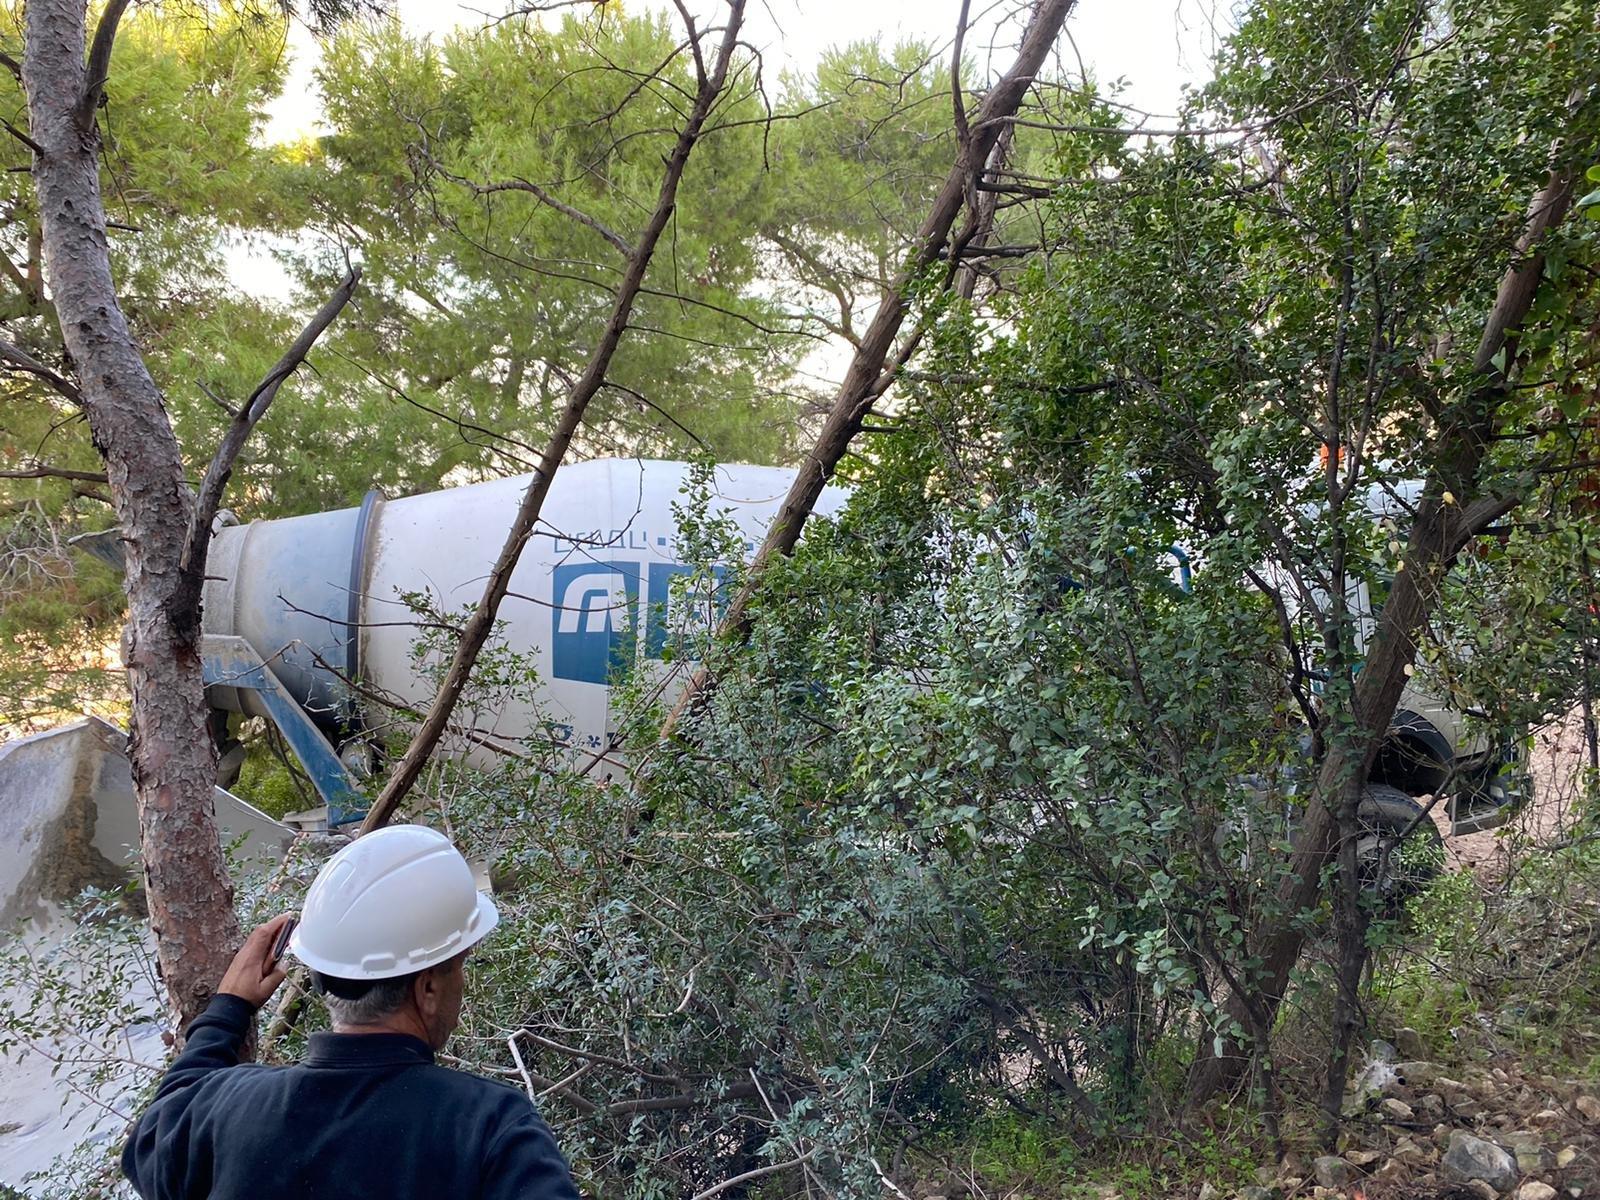 حيفا: شاحنة خلاط باطون تنحرق عن مسارها وتكاد تتسبب بكارثة